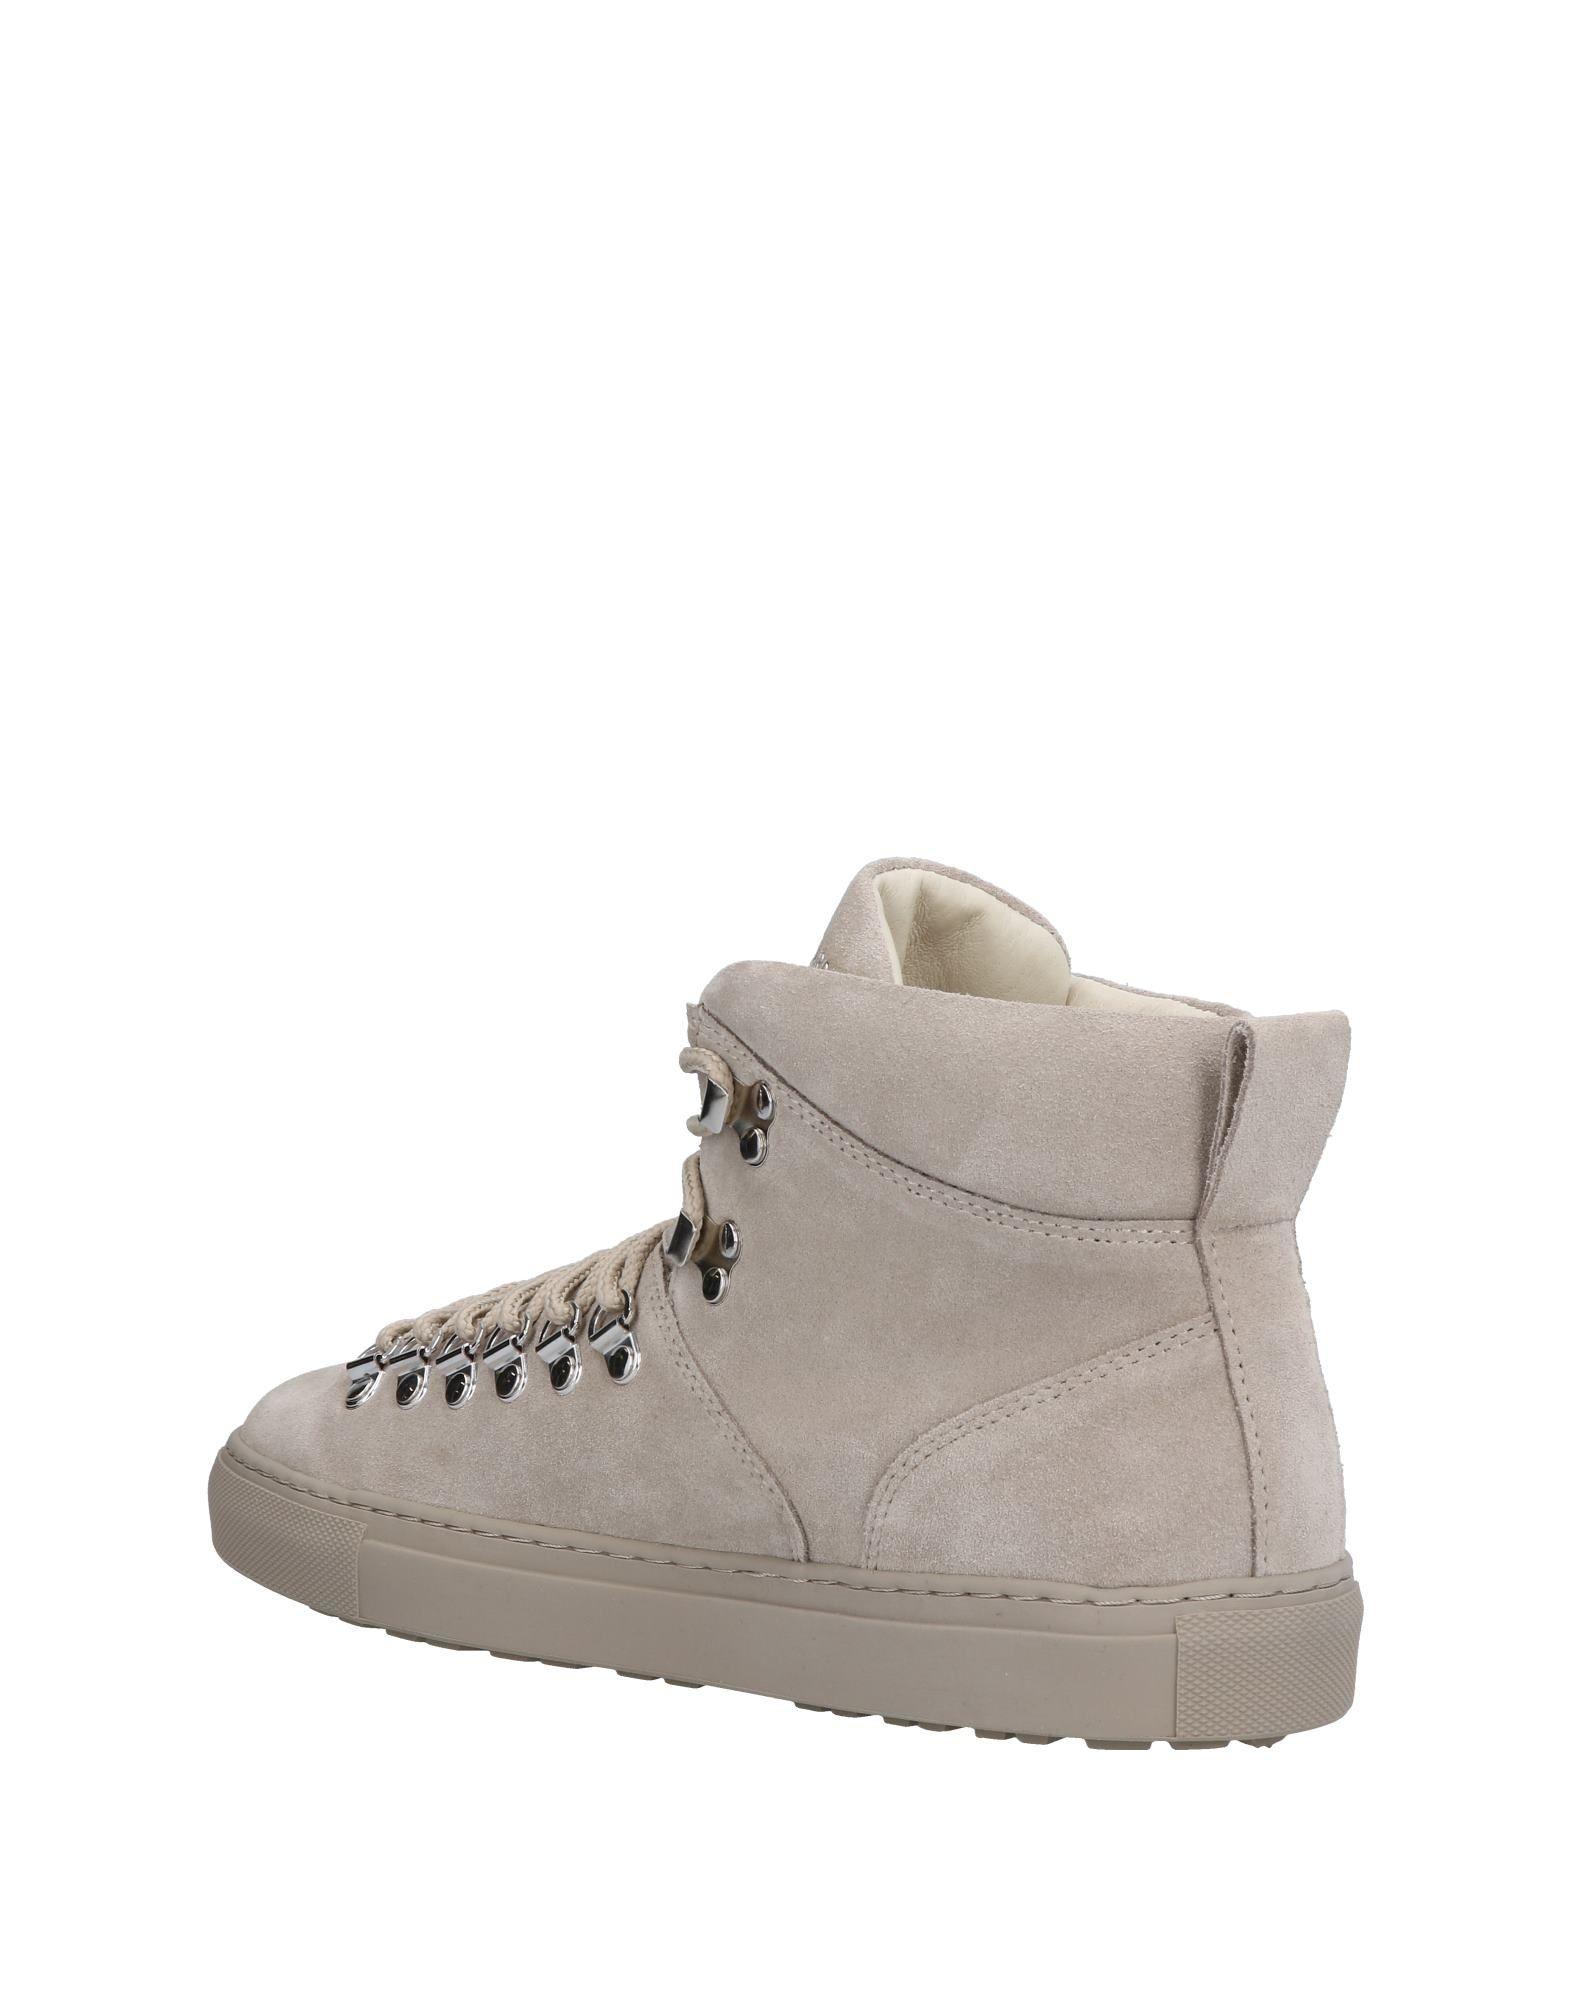 National Standard Herren Sneakers Herren Standard  11486632LW 3f3f34